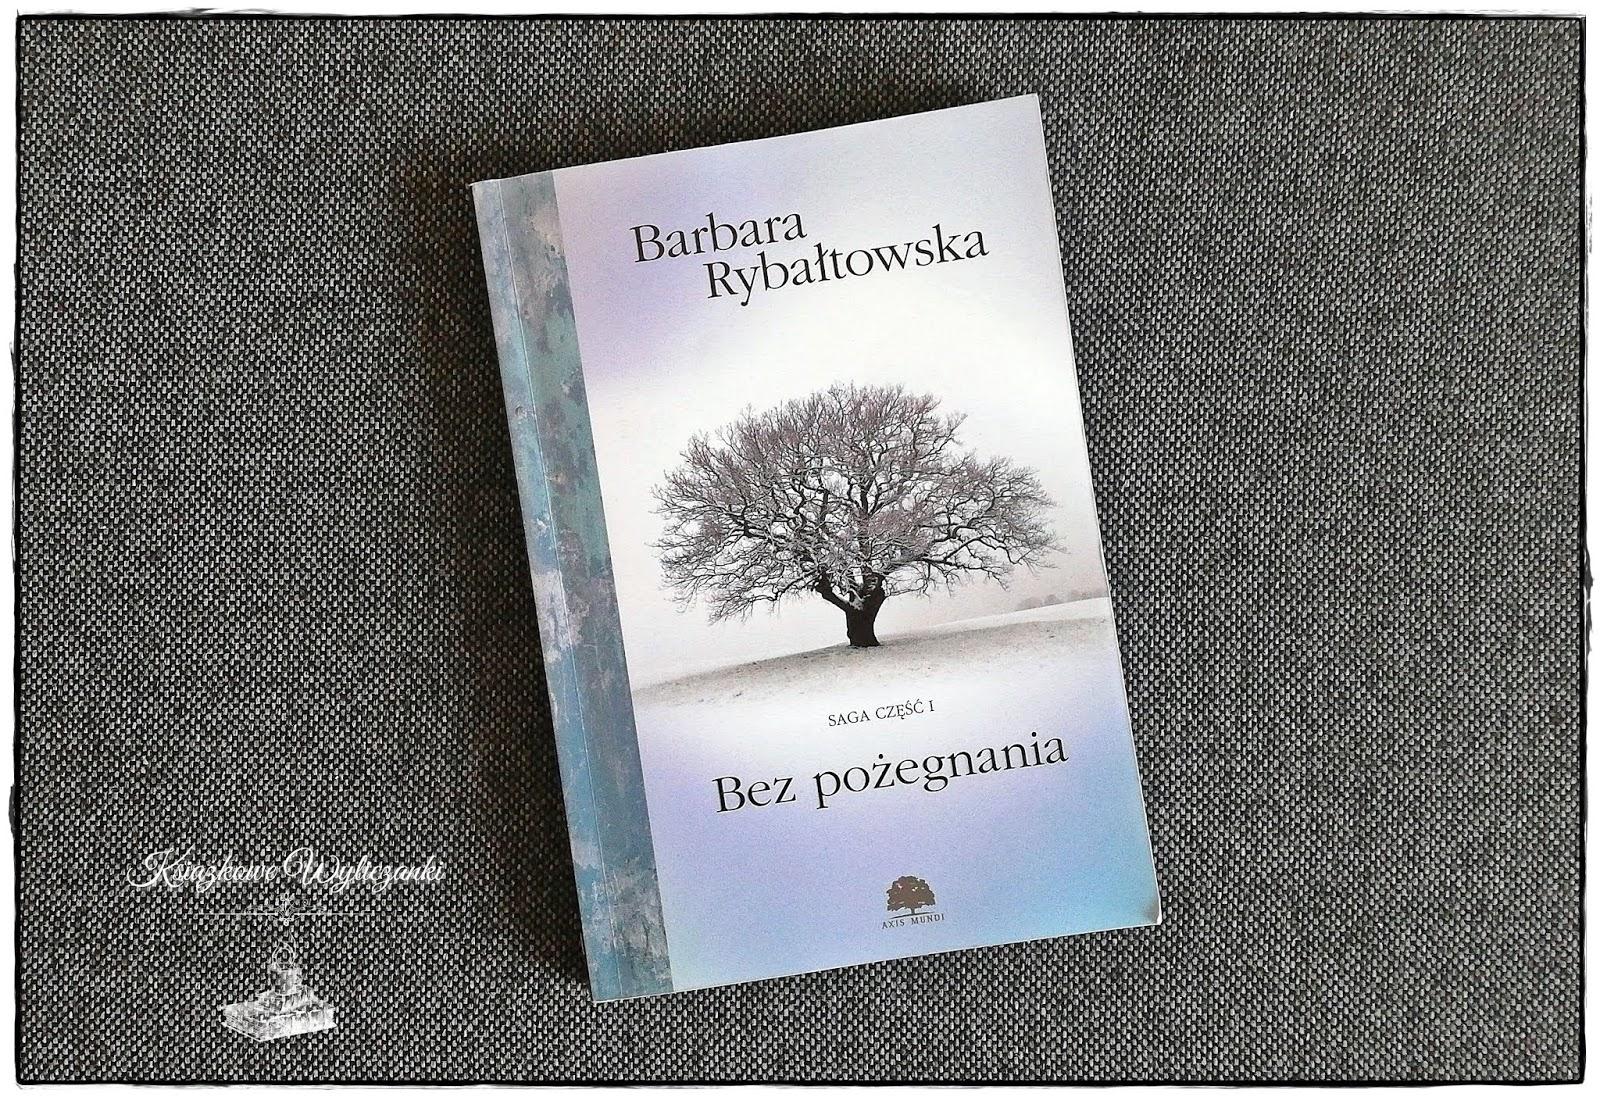 """Trudne losy w """"Bez pożegnania"""" Barbara Rybałtowska"""